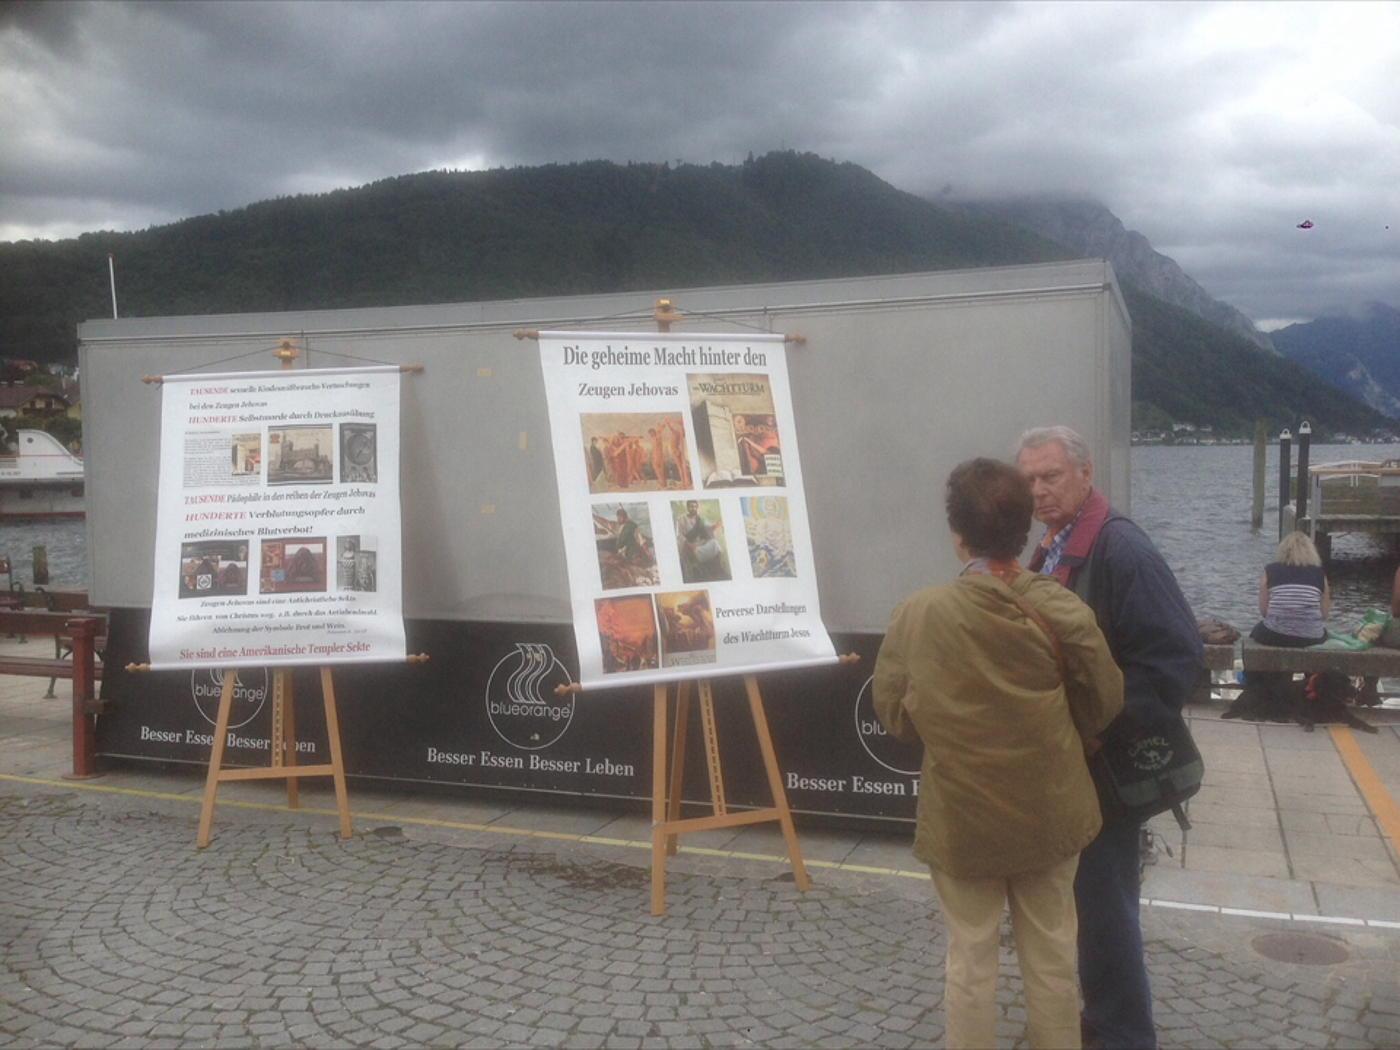 Gmunden in Austria in August 2017